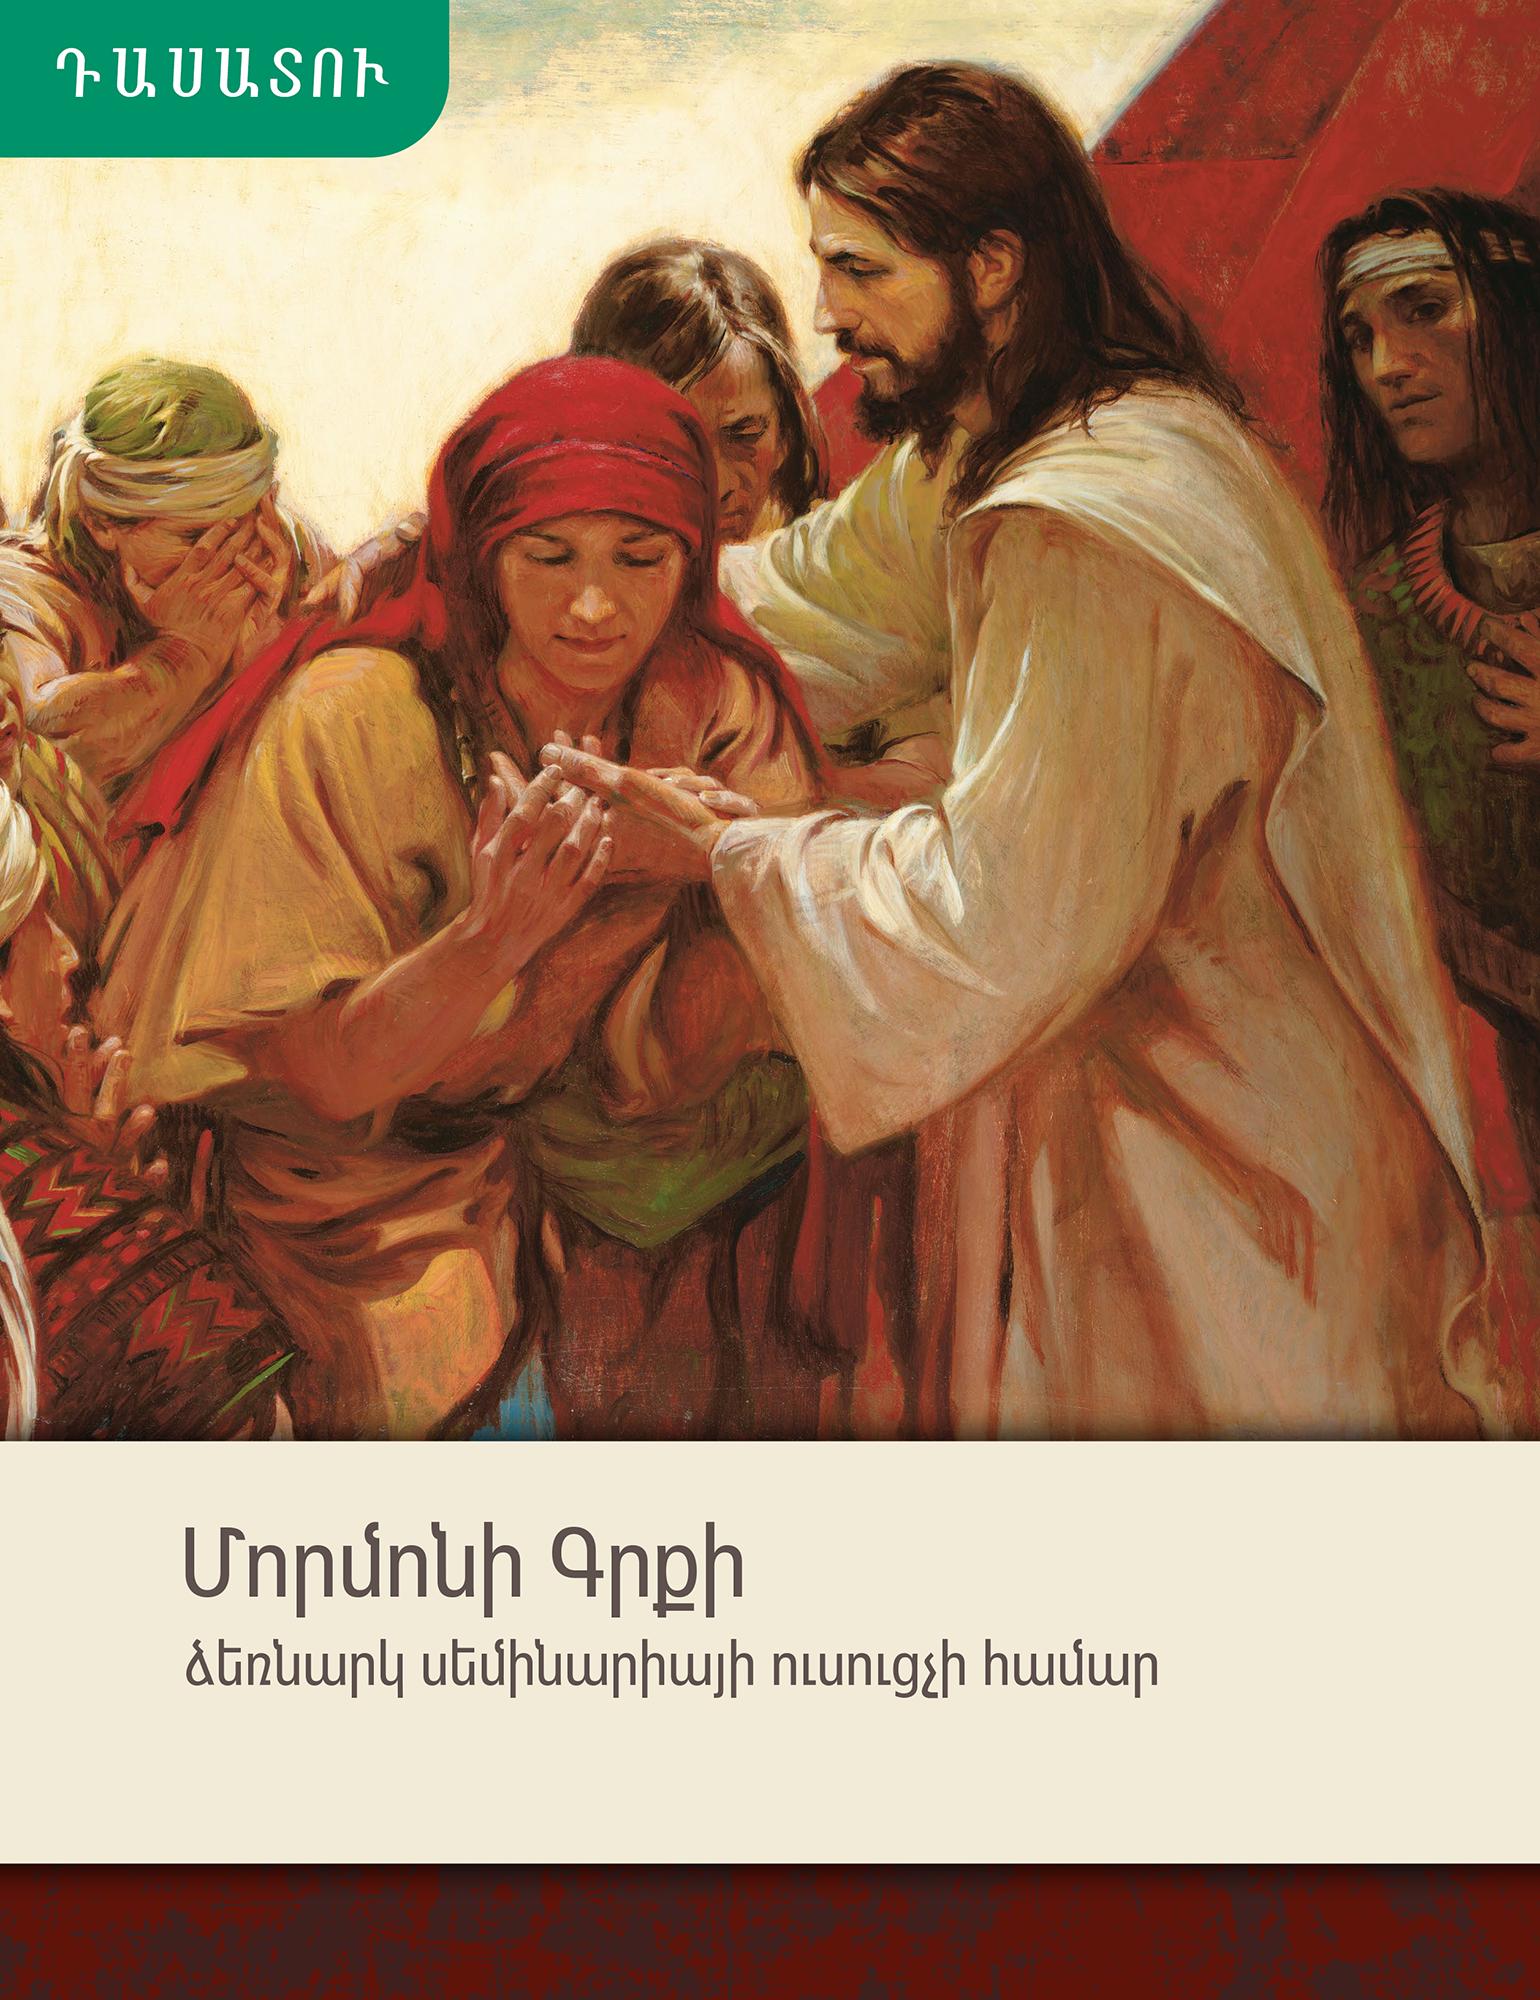 Մորմոնի Գրքի սեմինարիայի ուսուցչի ձեռնարկ